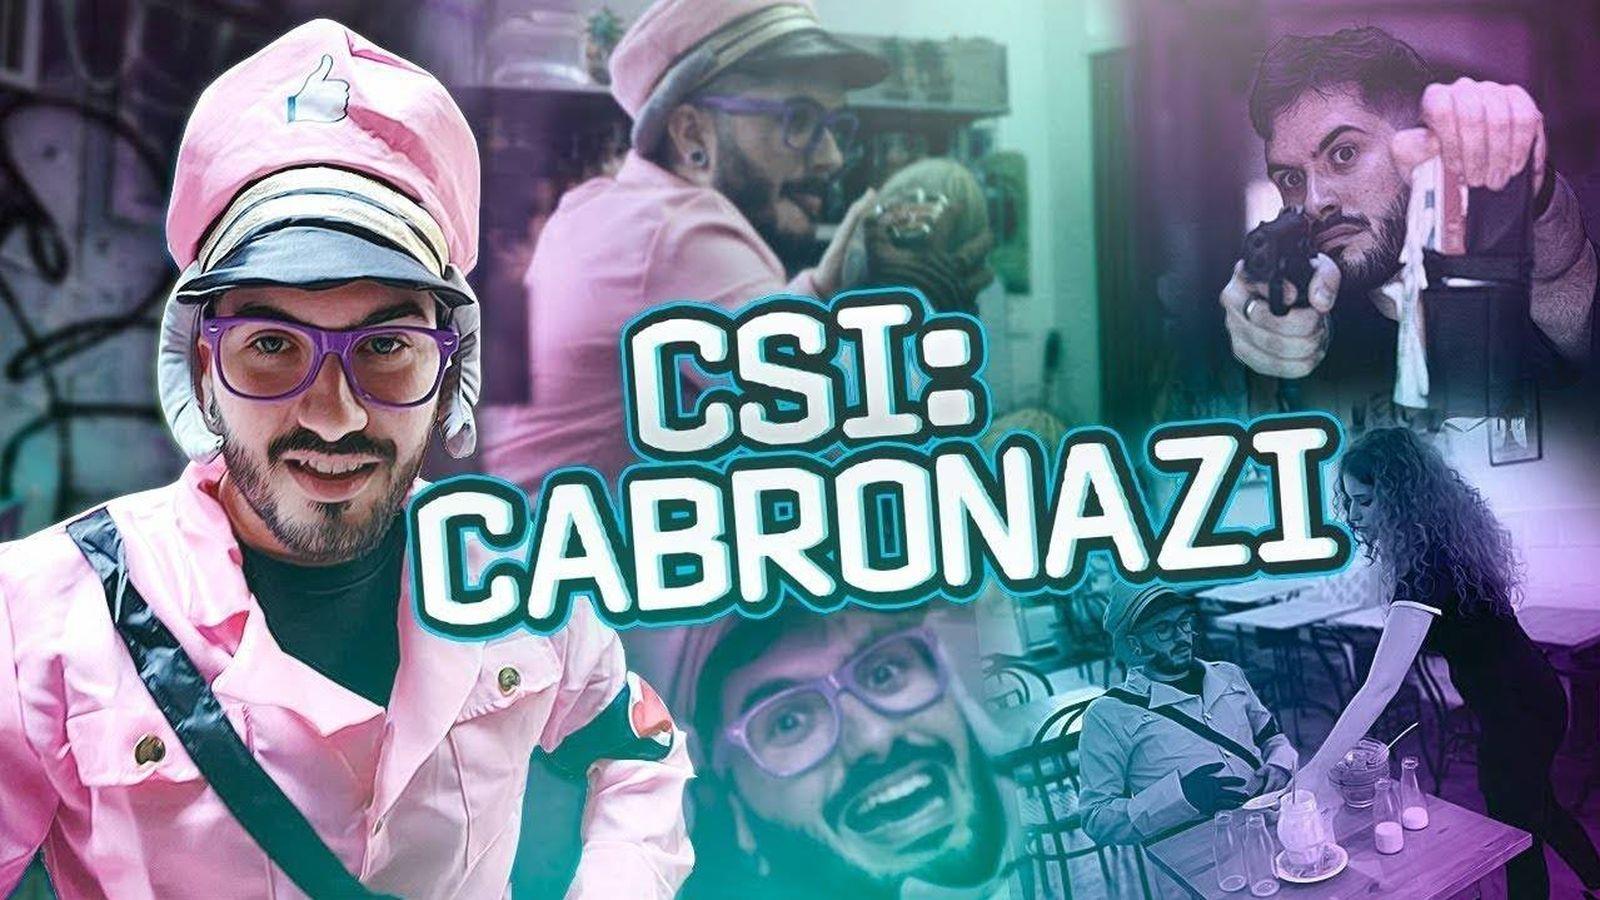 Foto: Video de Wismichu criticando a Cabronazi (Foto: Youtube)